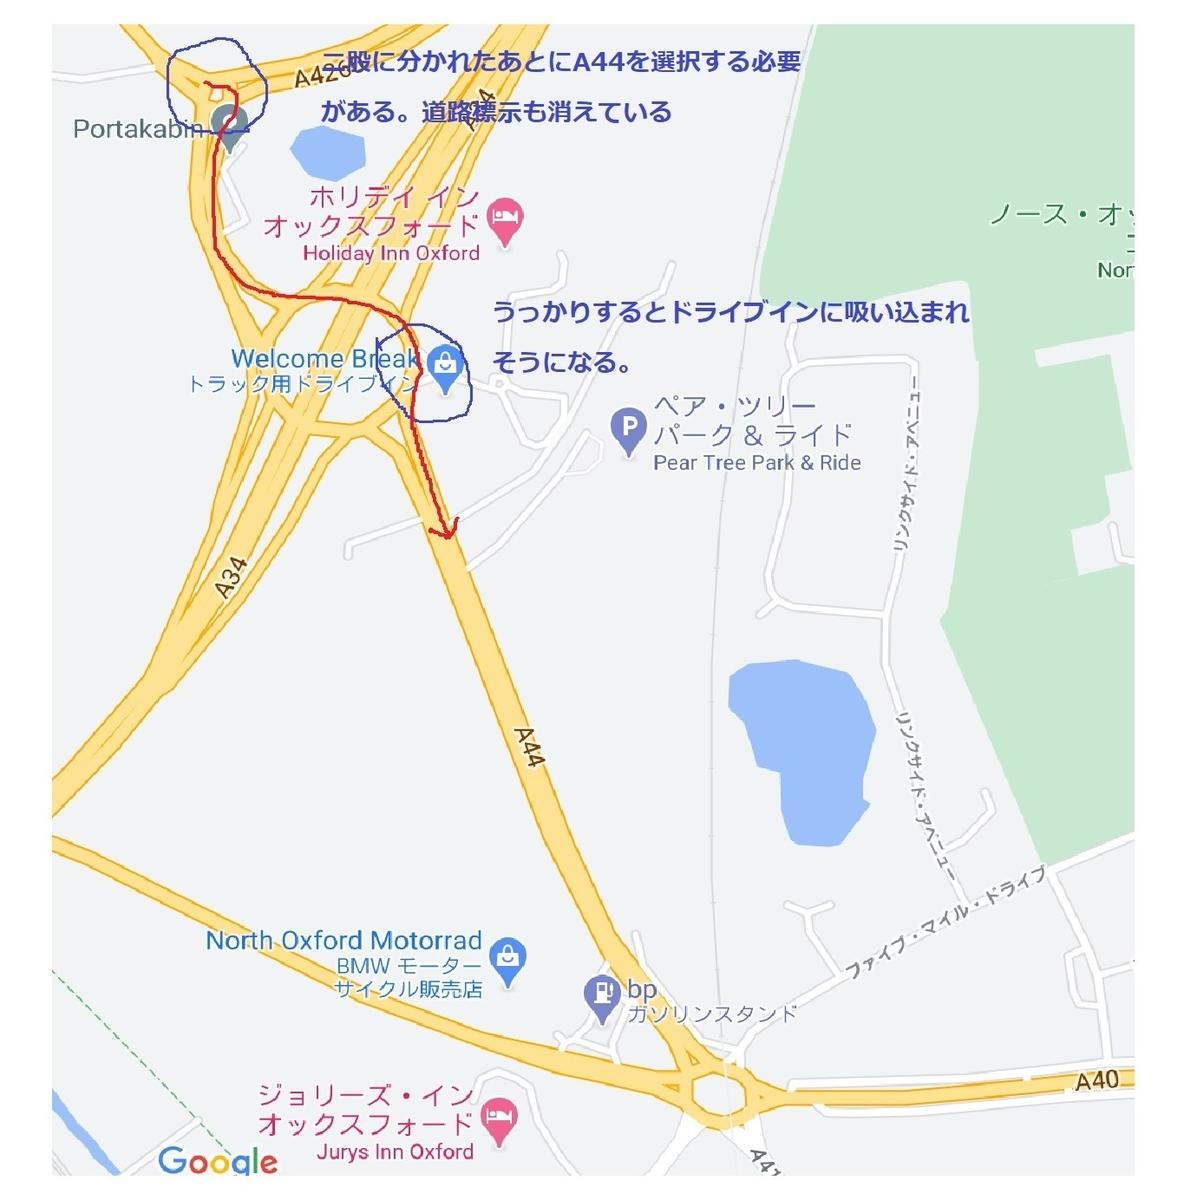 f:id:T_Nishimura:20201021175350j:plain